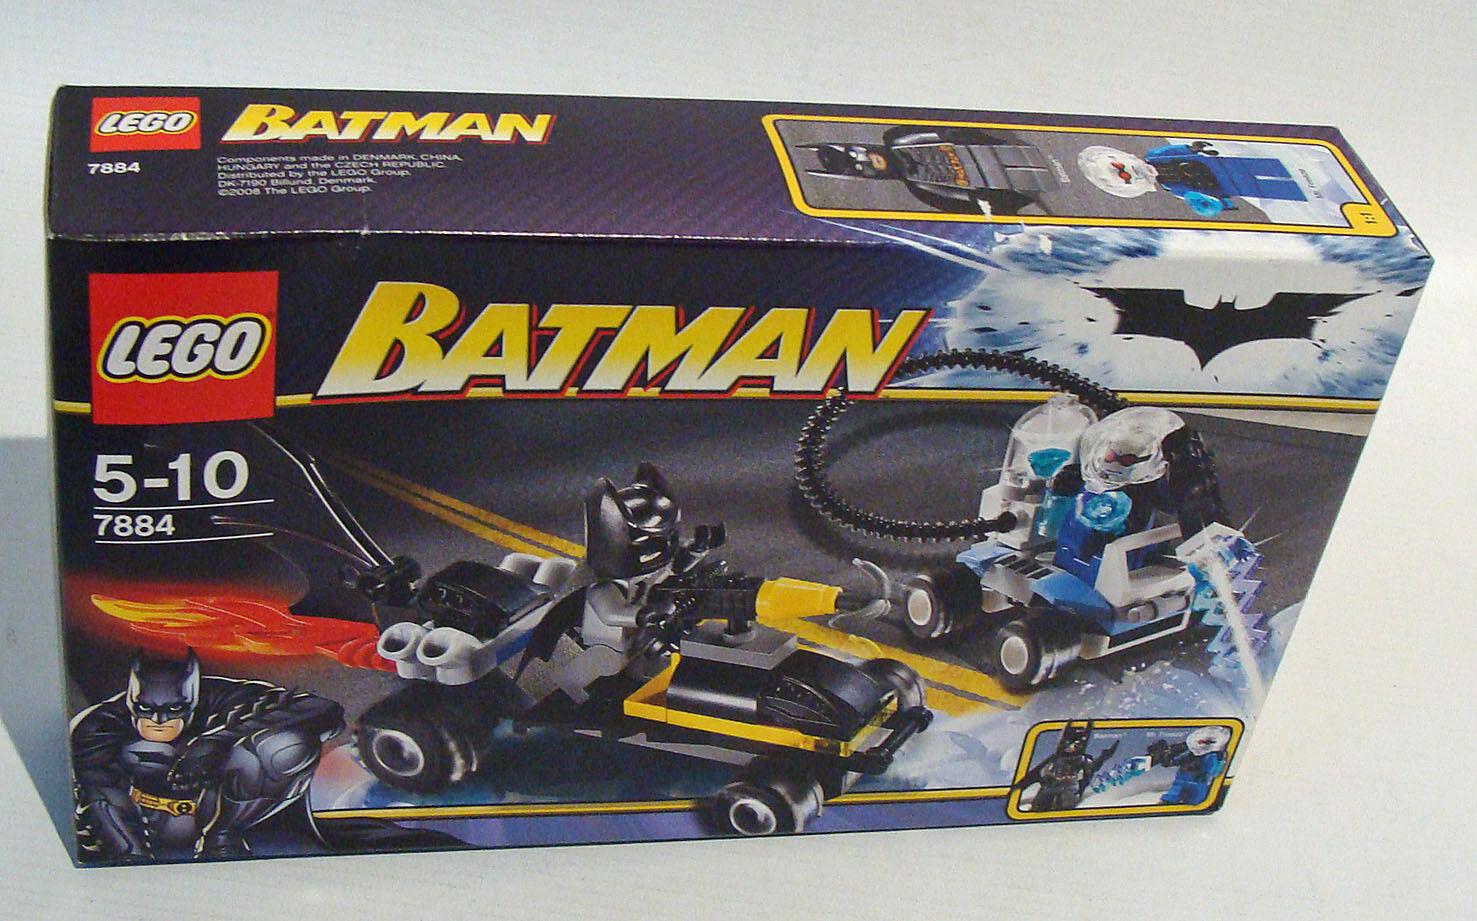 Lego® Batman 7884 - Die Flucht von Mr. Freeze 76 Teile 5-10 Jahren - Neu